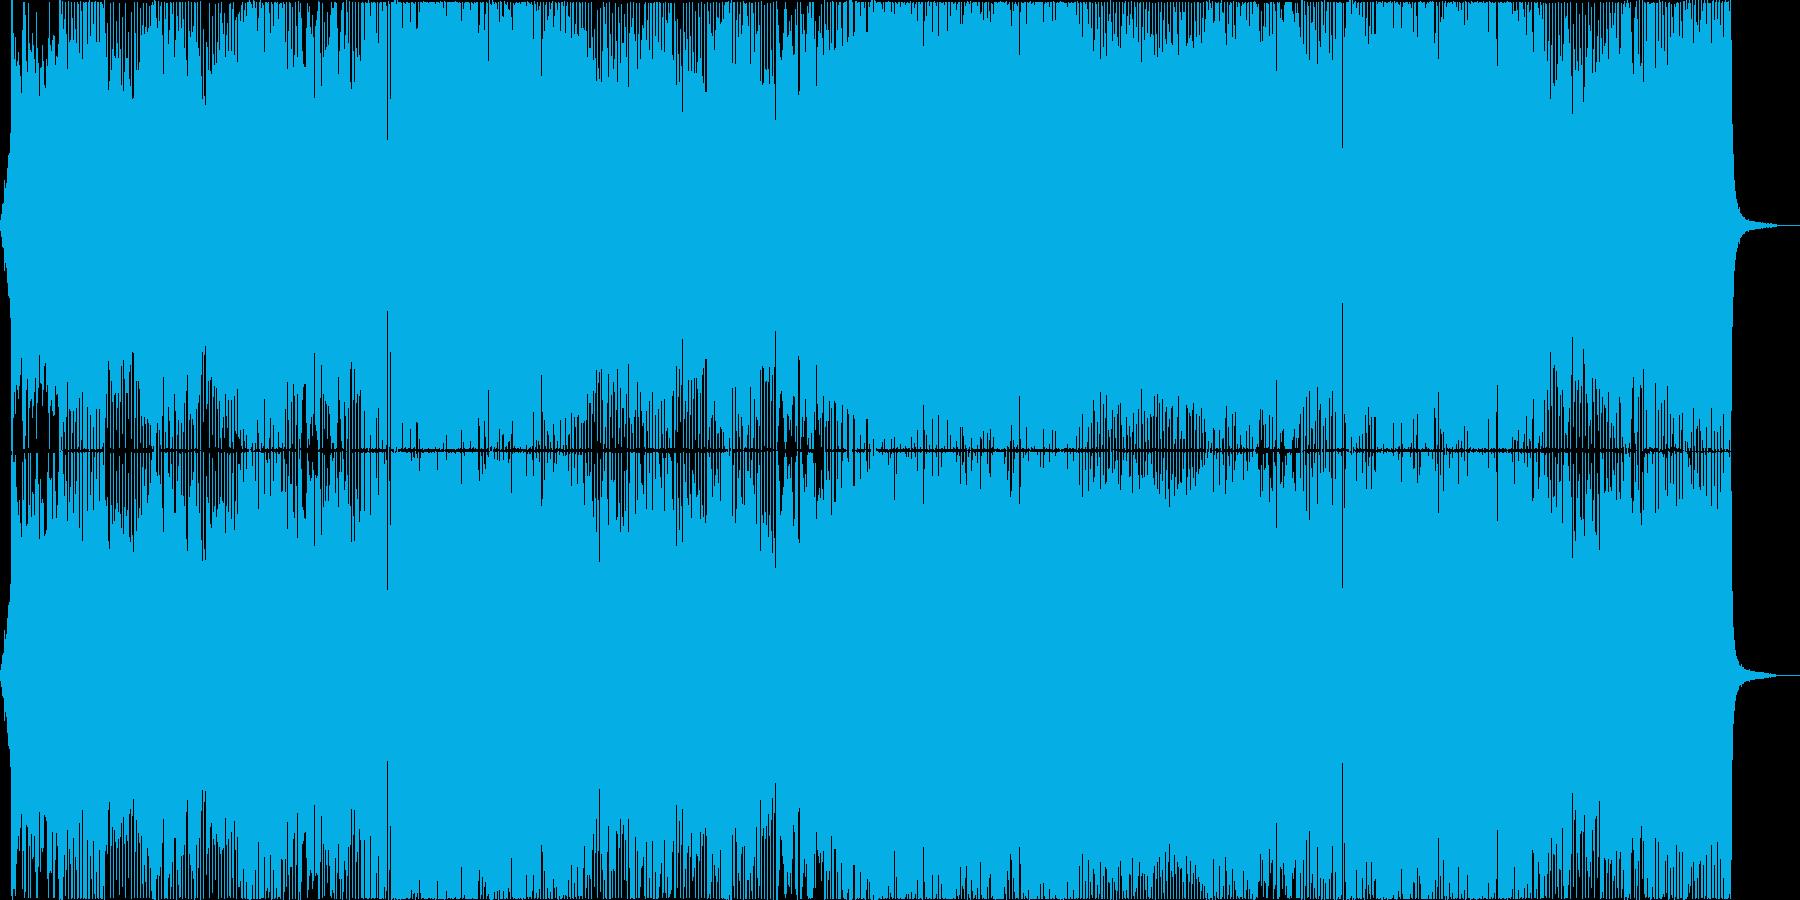 アニメ主題歌風のダンス曲_女性Voの再生済みの波形